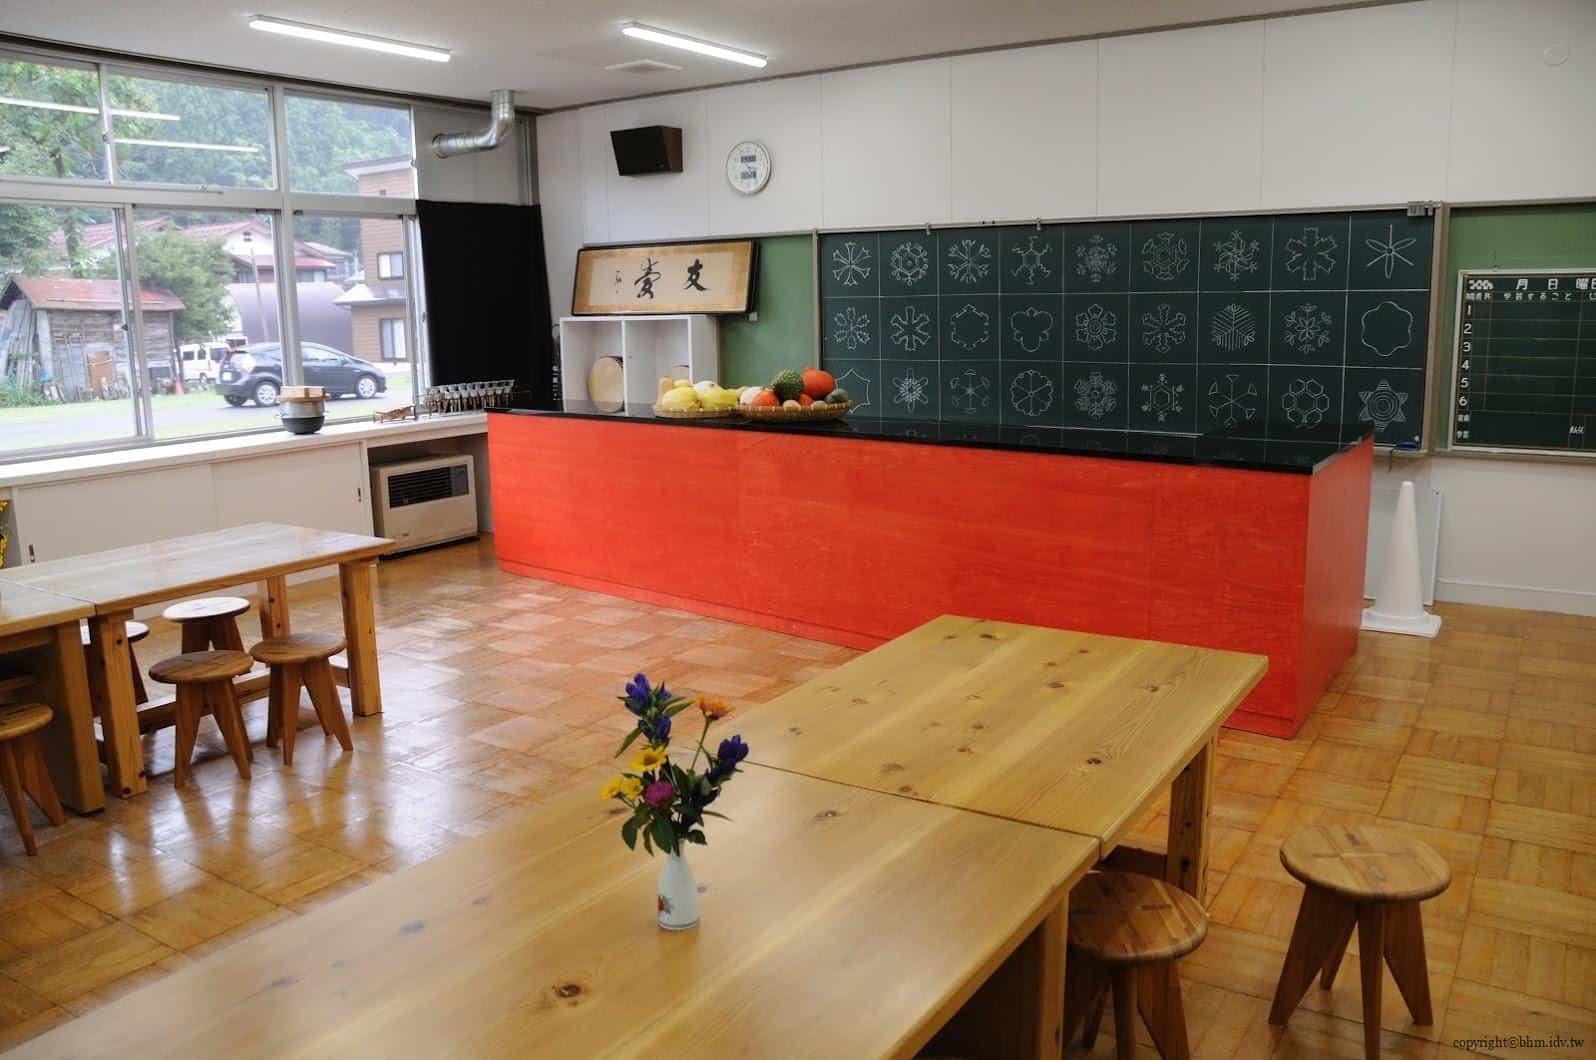 豊田恒行,越後妻有「上鄉劇場館」,用餐與表演空間。黑板上畫的為冰雪結晶,來自同名書籍「北越雪譜」中的一頁,呈現不同雪花樣貌 越後妻有「上鄉劇場館」 越後妻有「上鄉劇場館」 Echigo Tsumari Kamigo Clove Theatre 03